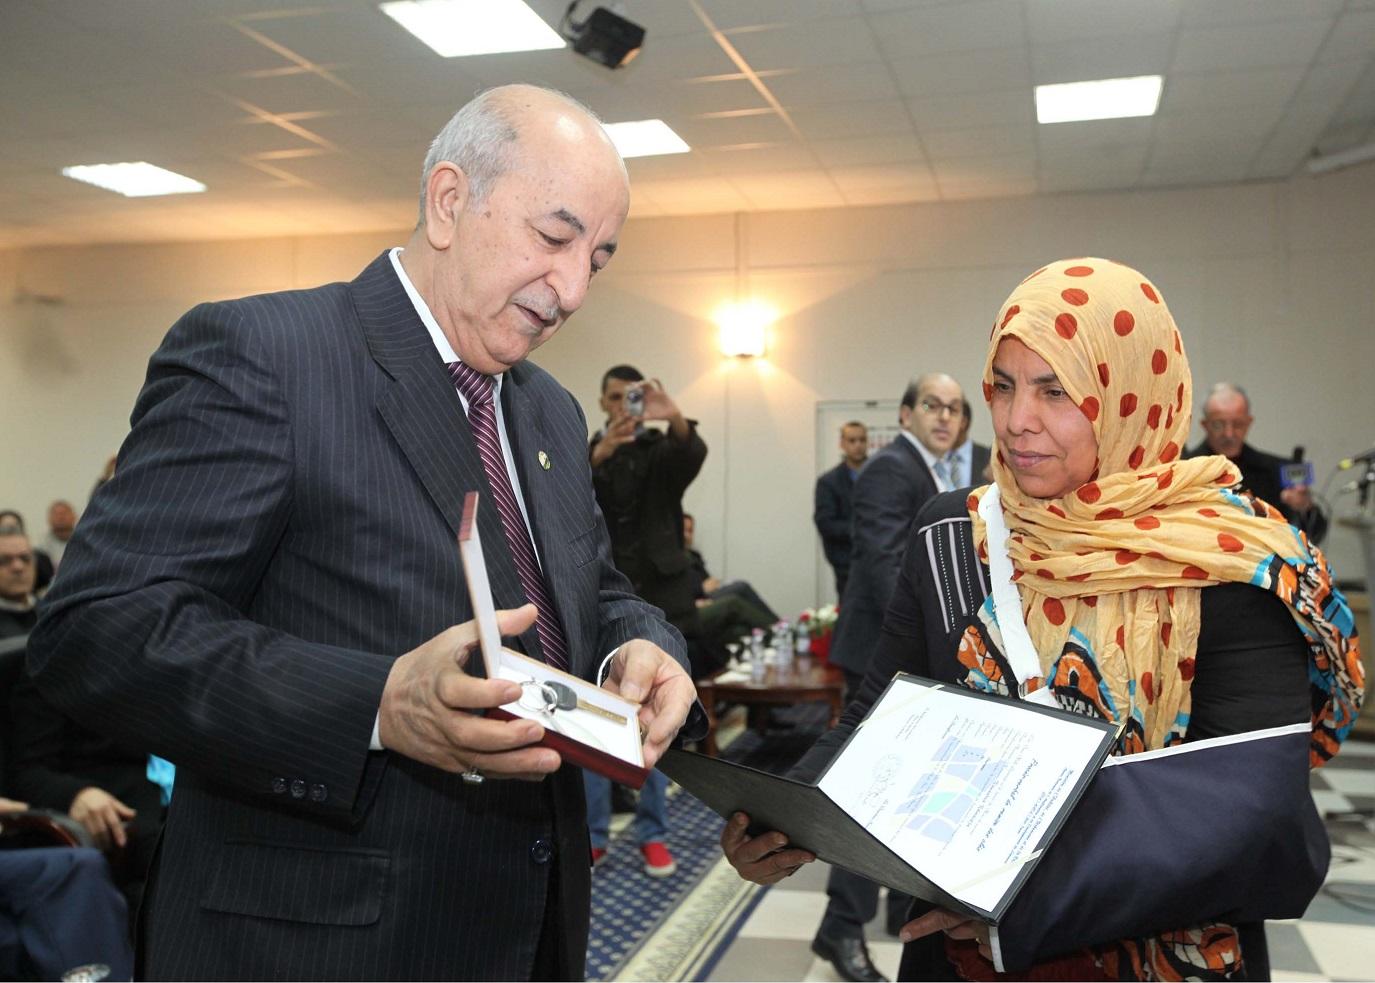 Mise en scène : Abdelmadjid Tebboune remettant les clés d'un appartement à une heureuse bénéficiaire. New Press